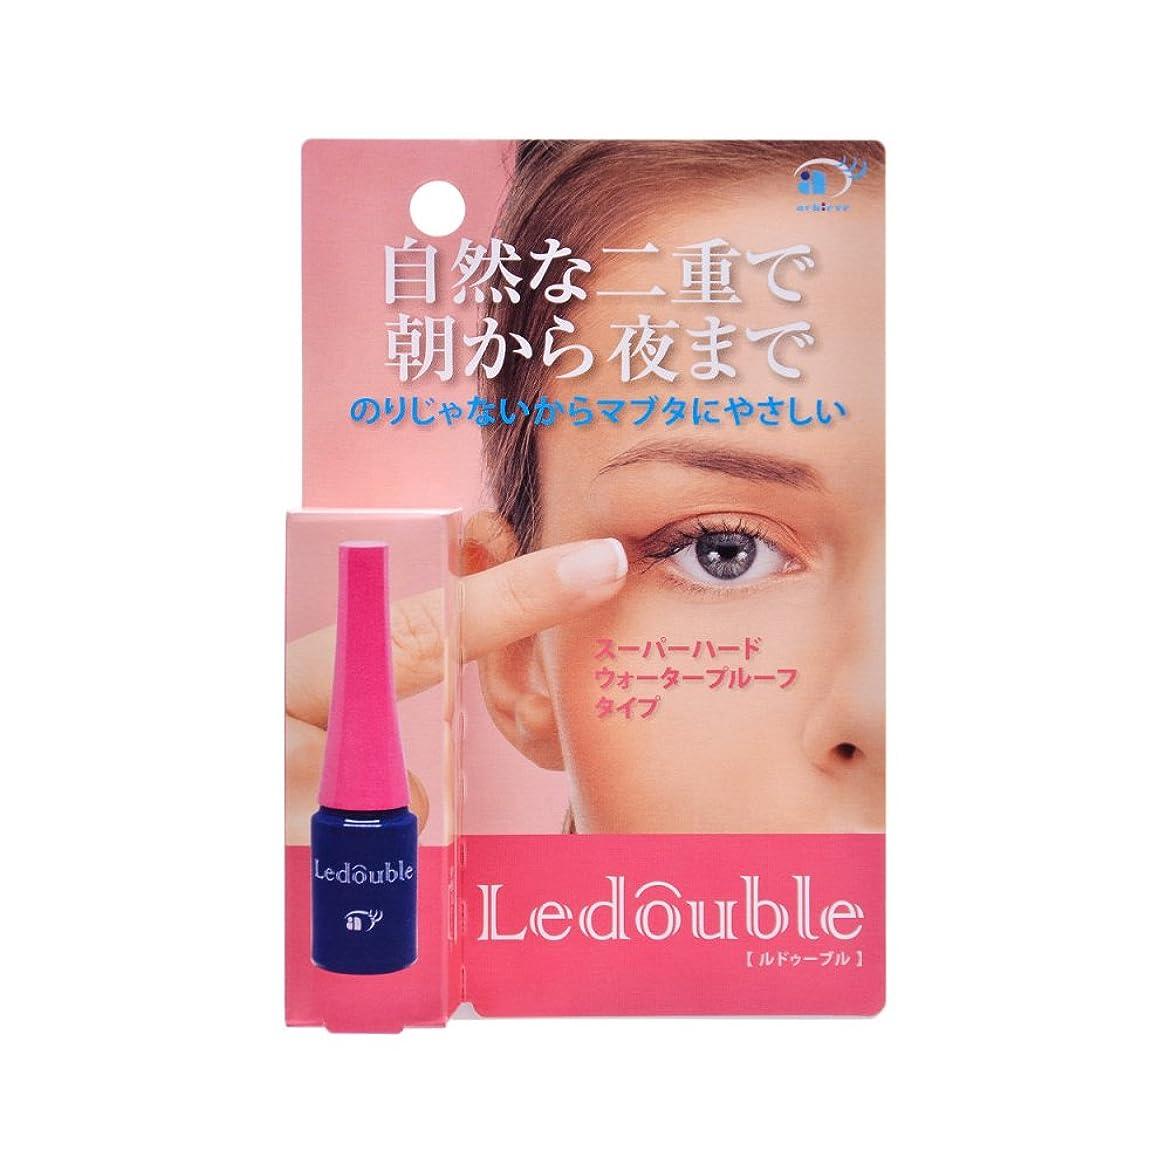 好き哀れな知的Ledouble [ルドゥーブル] 二重まぶた化粧品 (2mL)